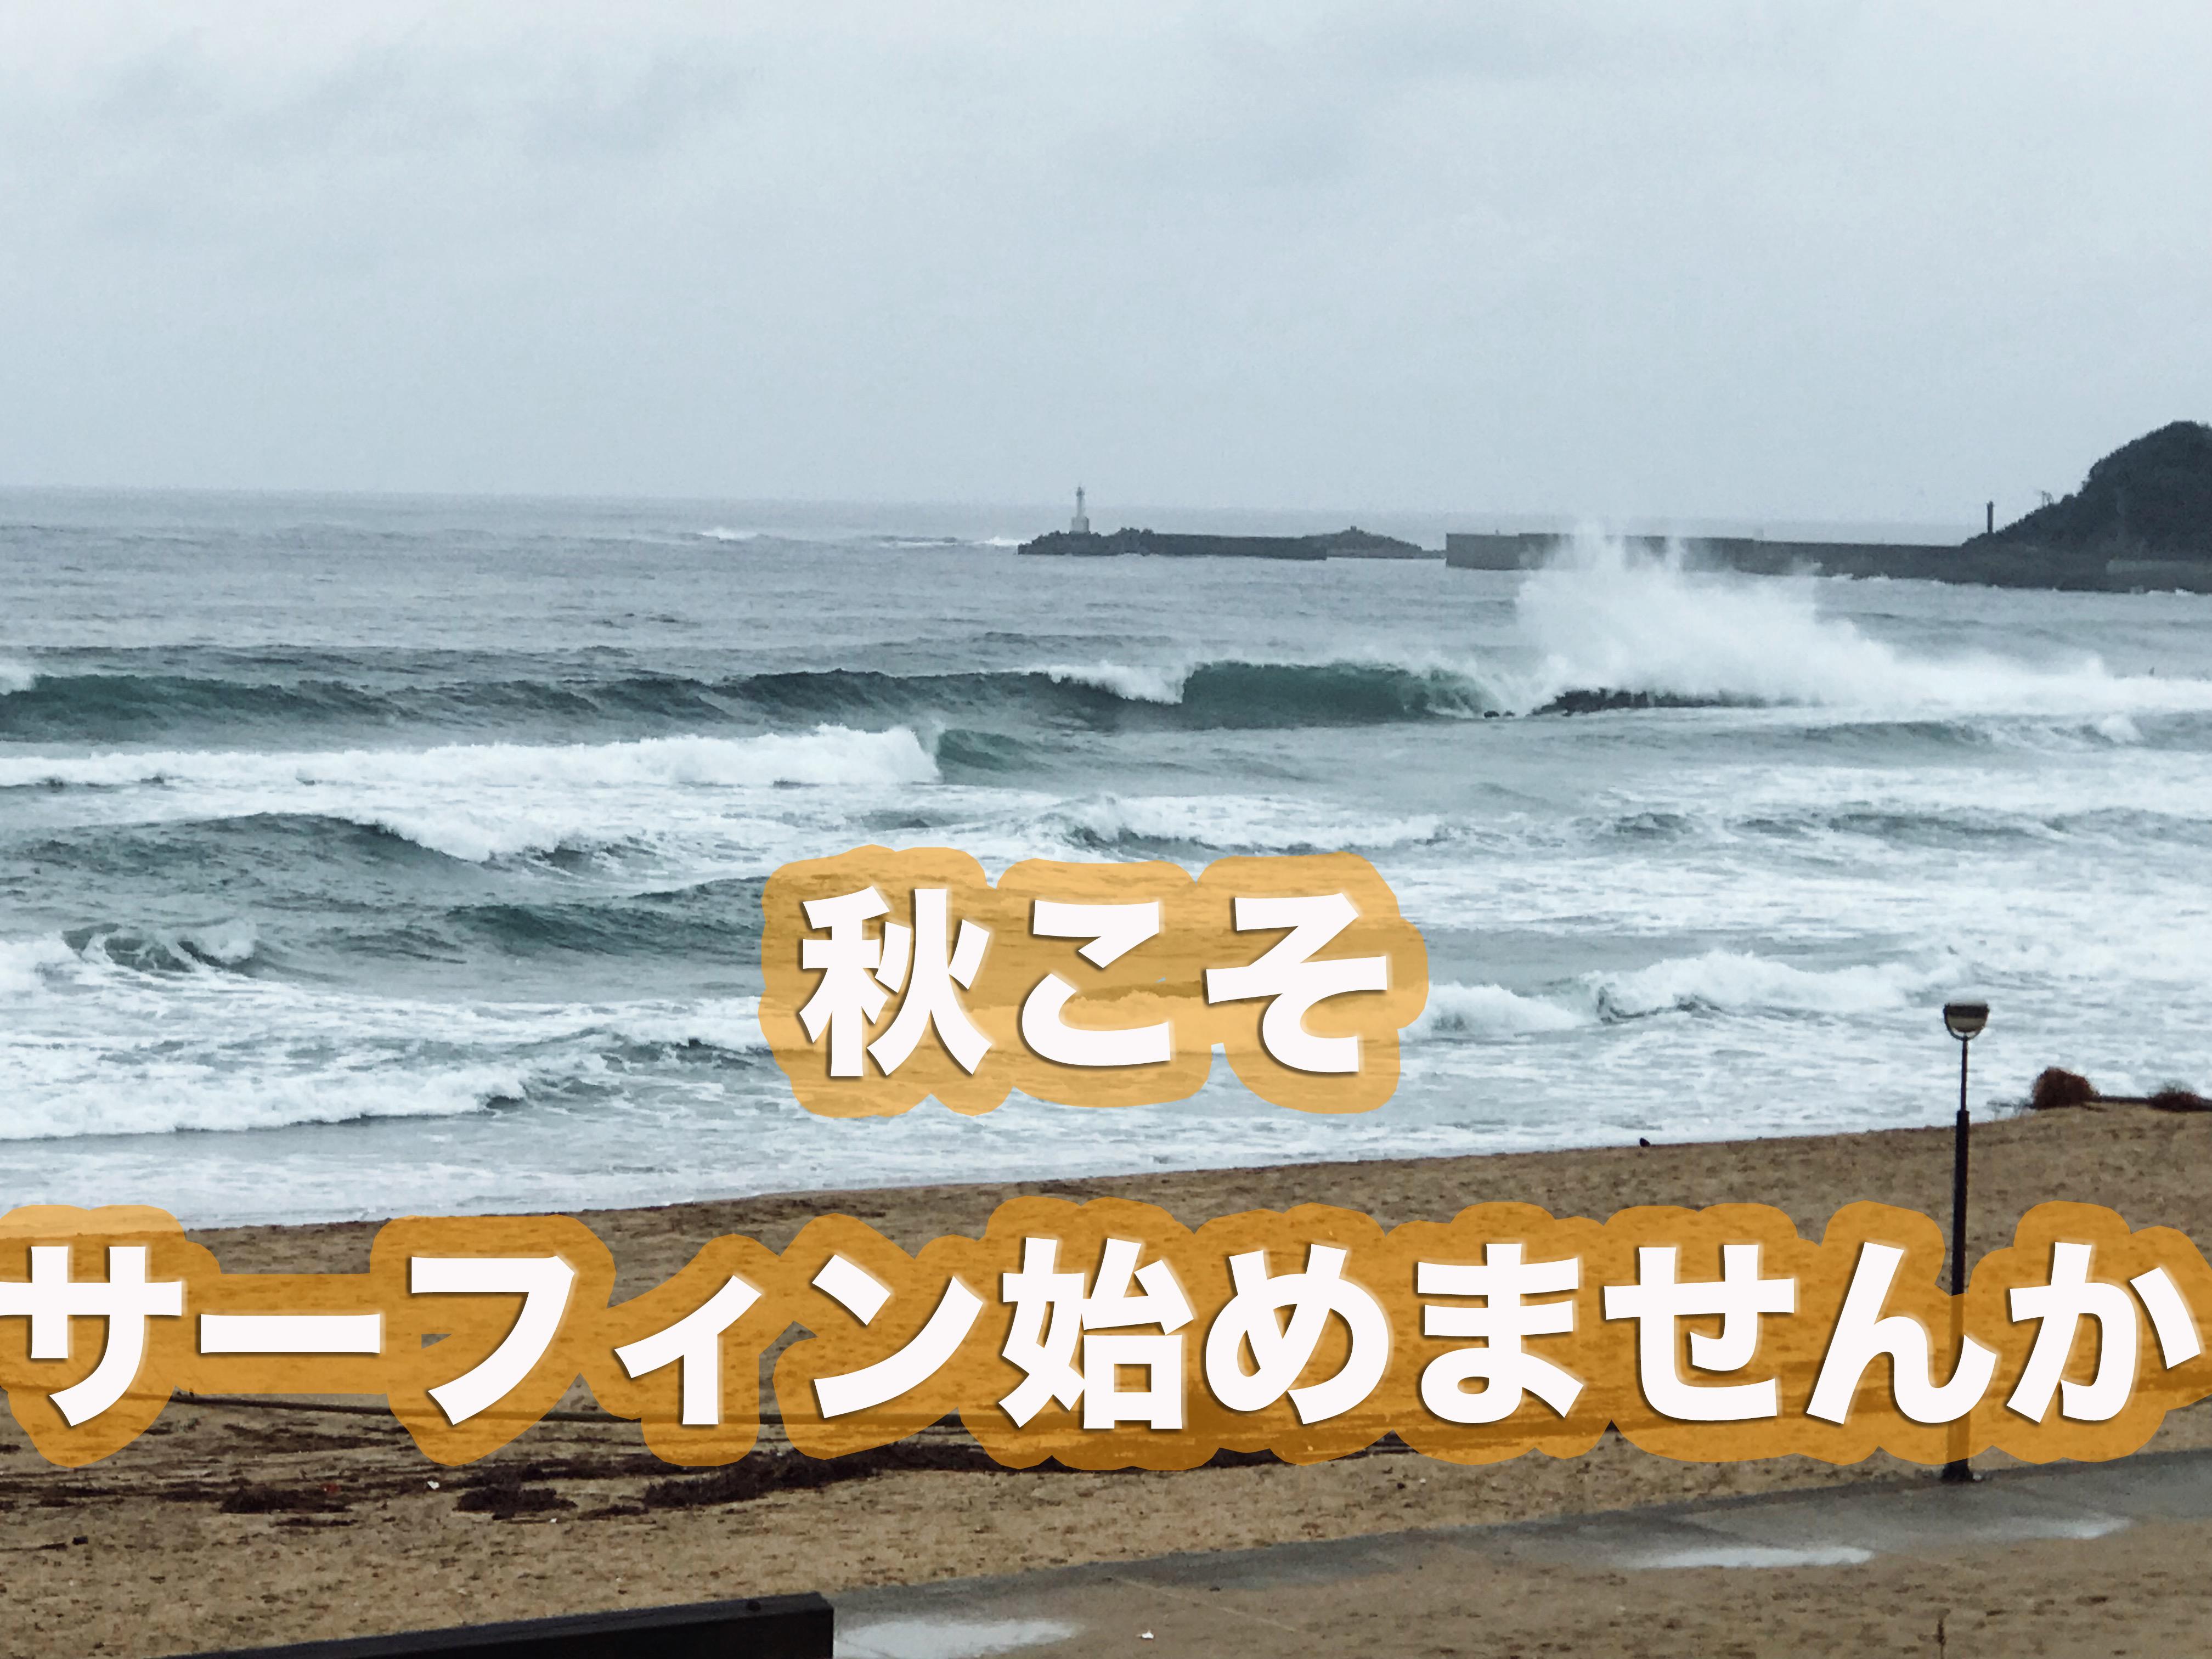 これからが一番楽しいサーフィンのシーズン。